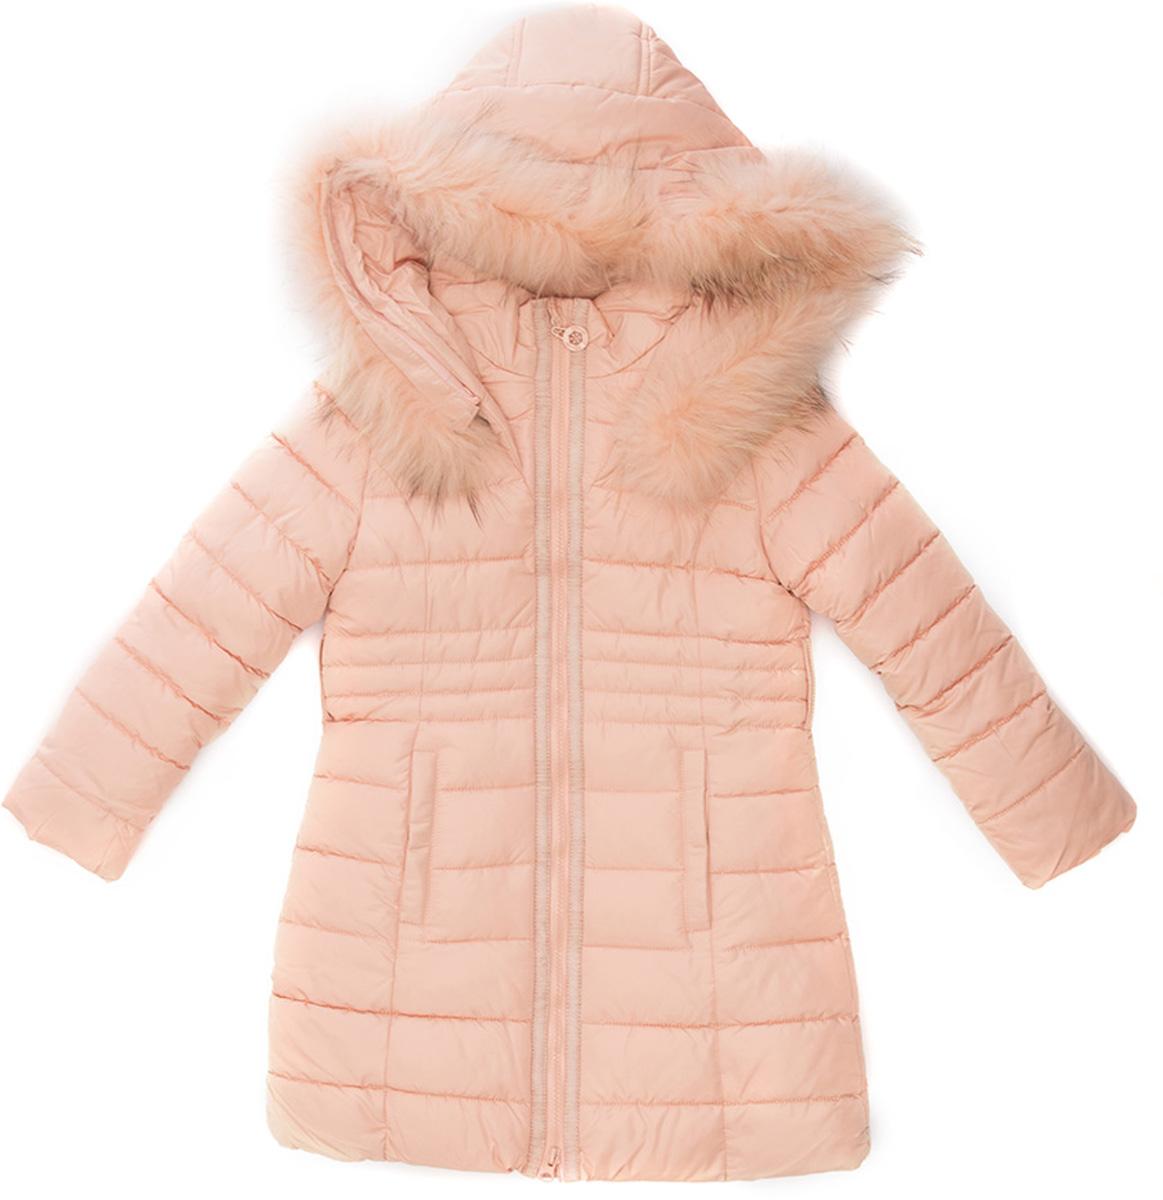 Куртка для девочки Vitacci, цвет: пудровый. 2171479-48. Размер 1282171479-48Удлиненная куртка-пальто для девочки Vitacci, изготовленная из полиэстера, станет стильнымдополнением к детскому гардеробу.Подкладка выполнена из полиэстера и дополнительно утеплена флисом по спинке. В качестве наполнителя используется биопух.Модель застегивается на застежку-молнию и имеет съемный капюшон с опушкой из натурального меха. Спереди расположены два кармана.Температурный режим от -10°С до -25°С.Теплая, удобная и практичная куртка идеально подойдет юной моднице для прогулок!